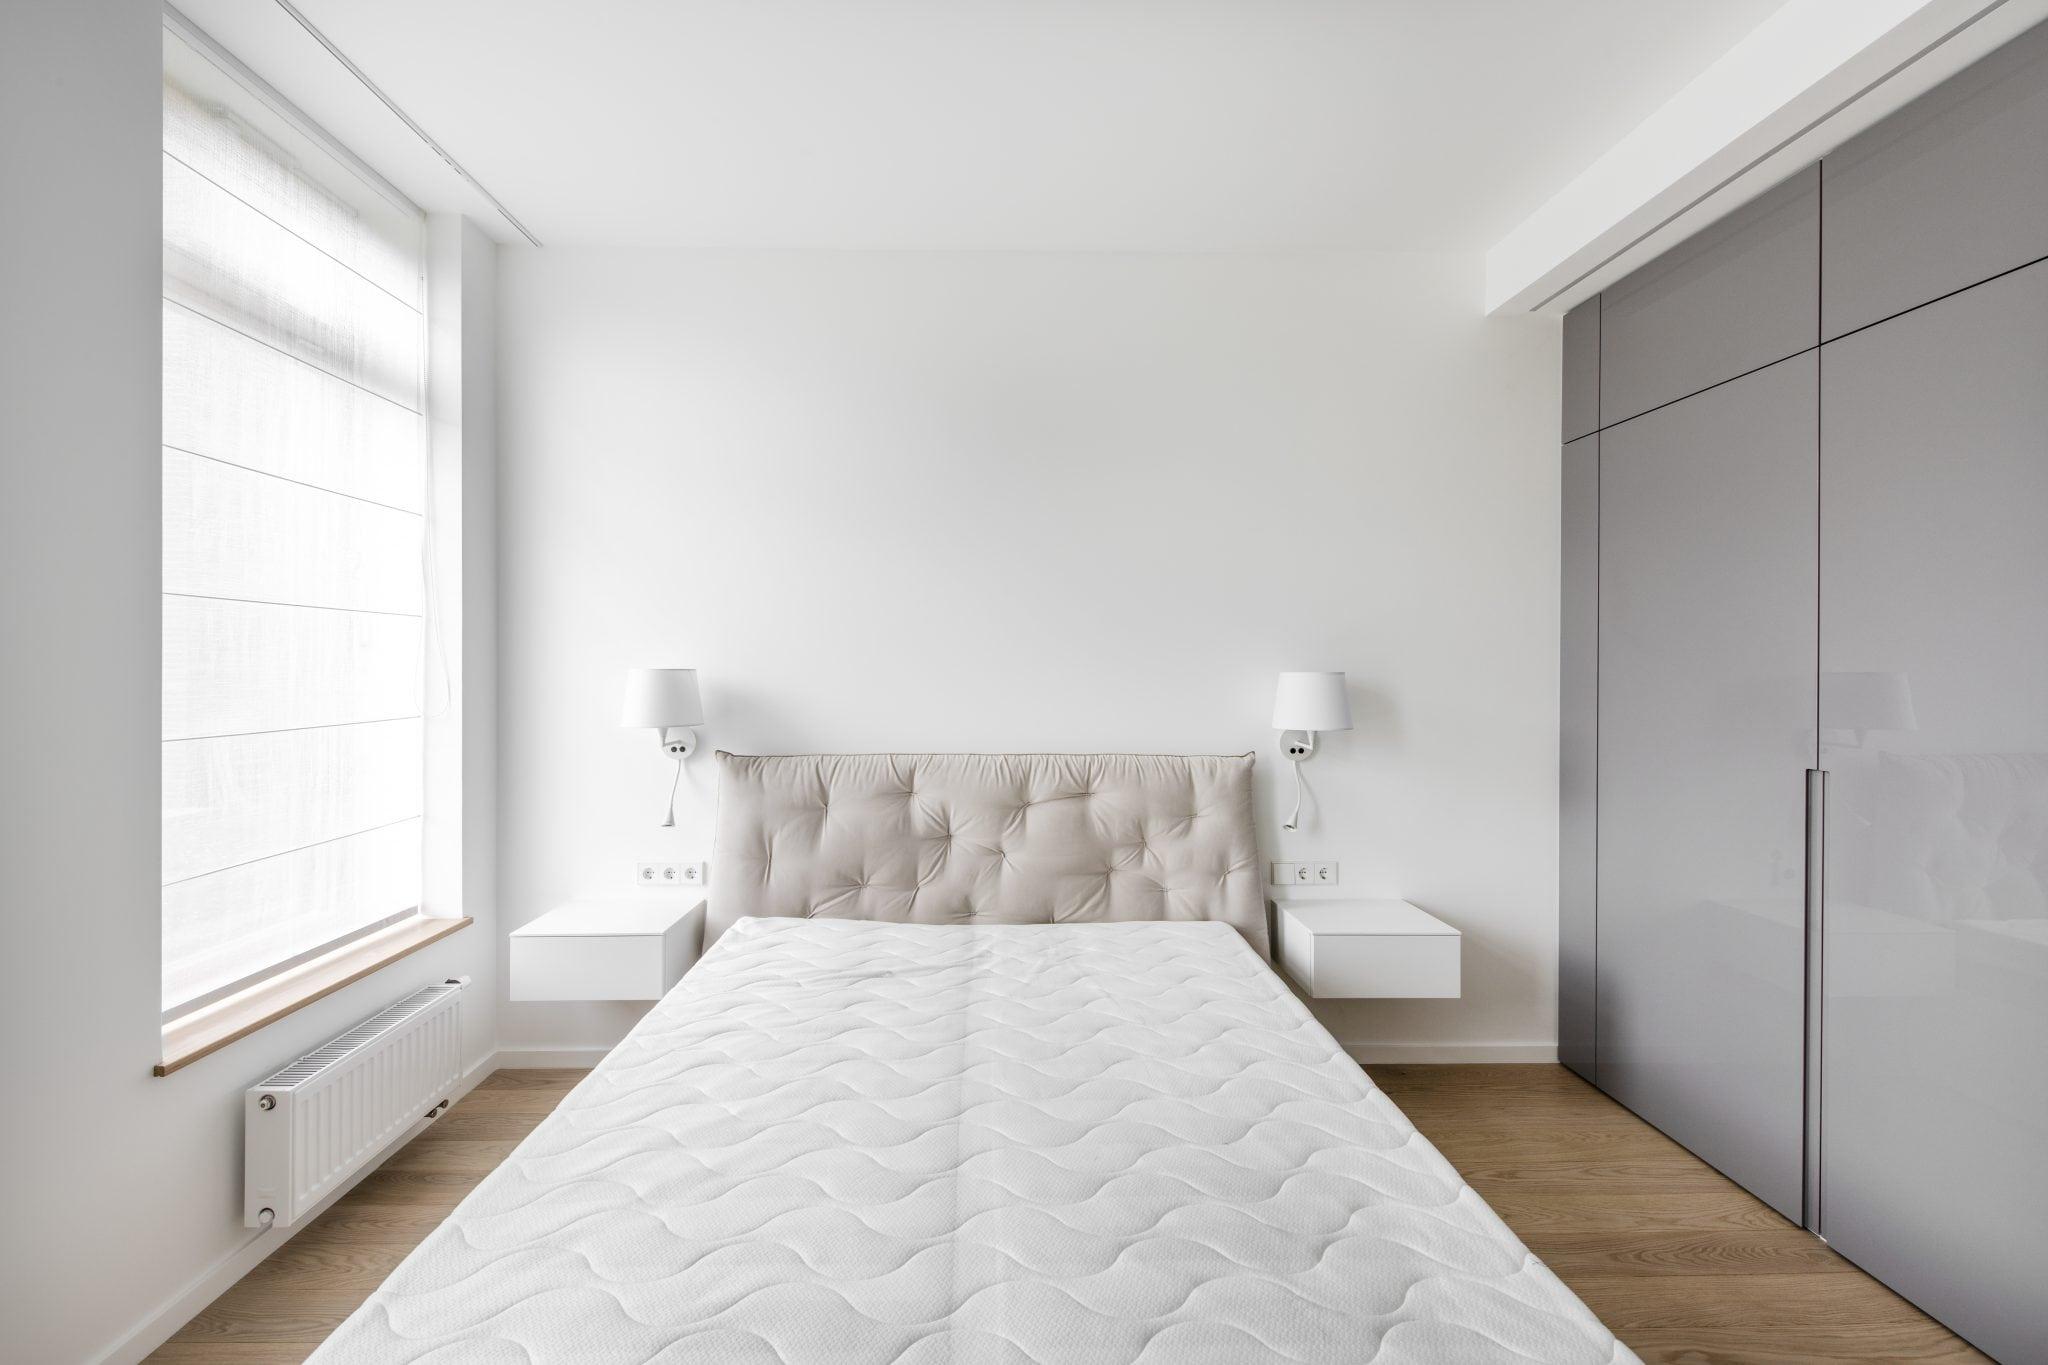 Miegamojo baldu gamyba pagal individualius uzsakymus projektas